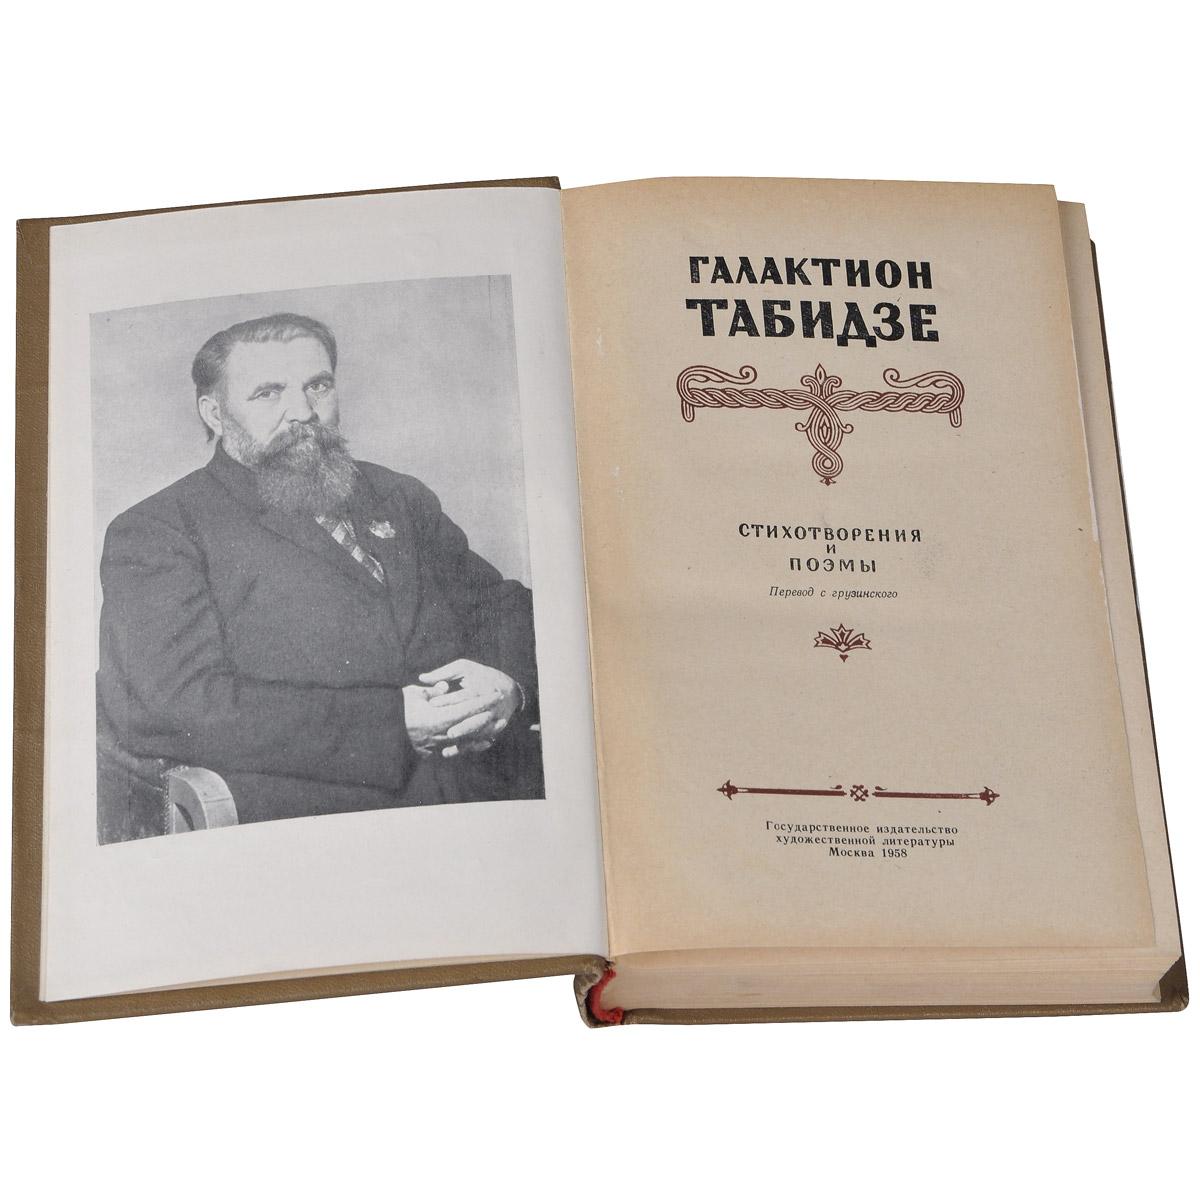 Стих галактиона табидзе на грузинском